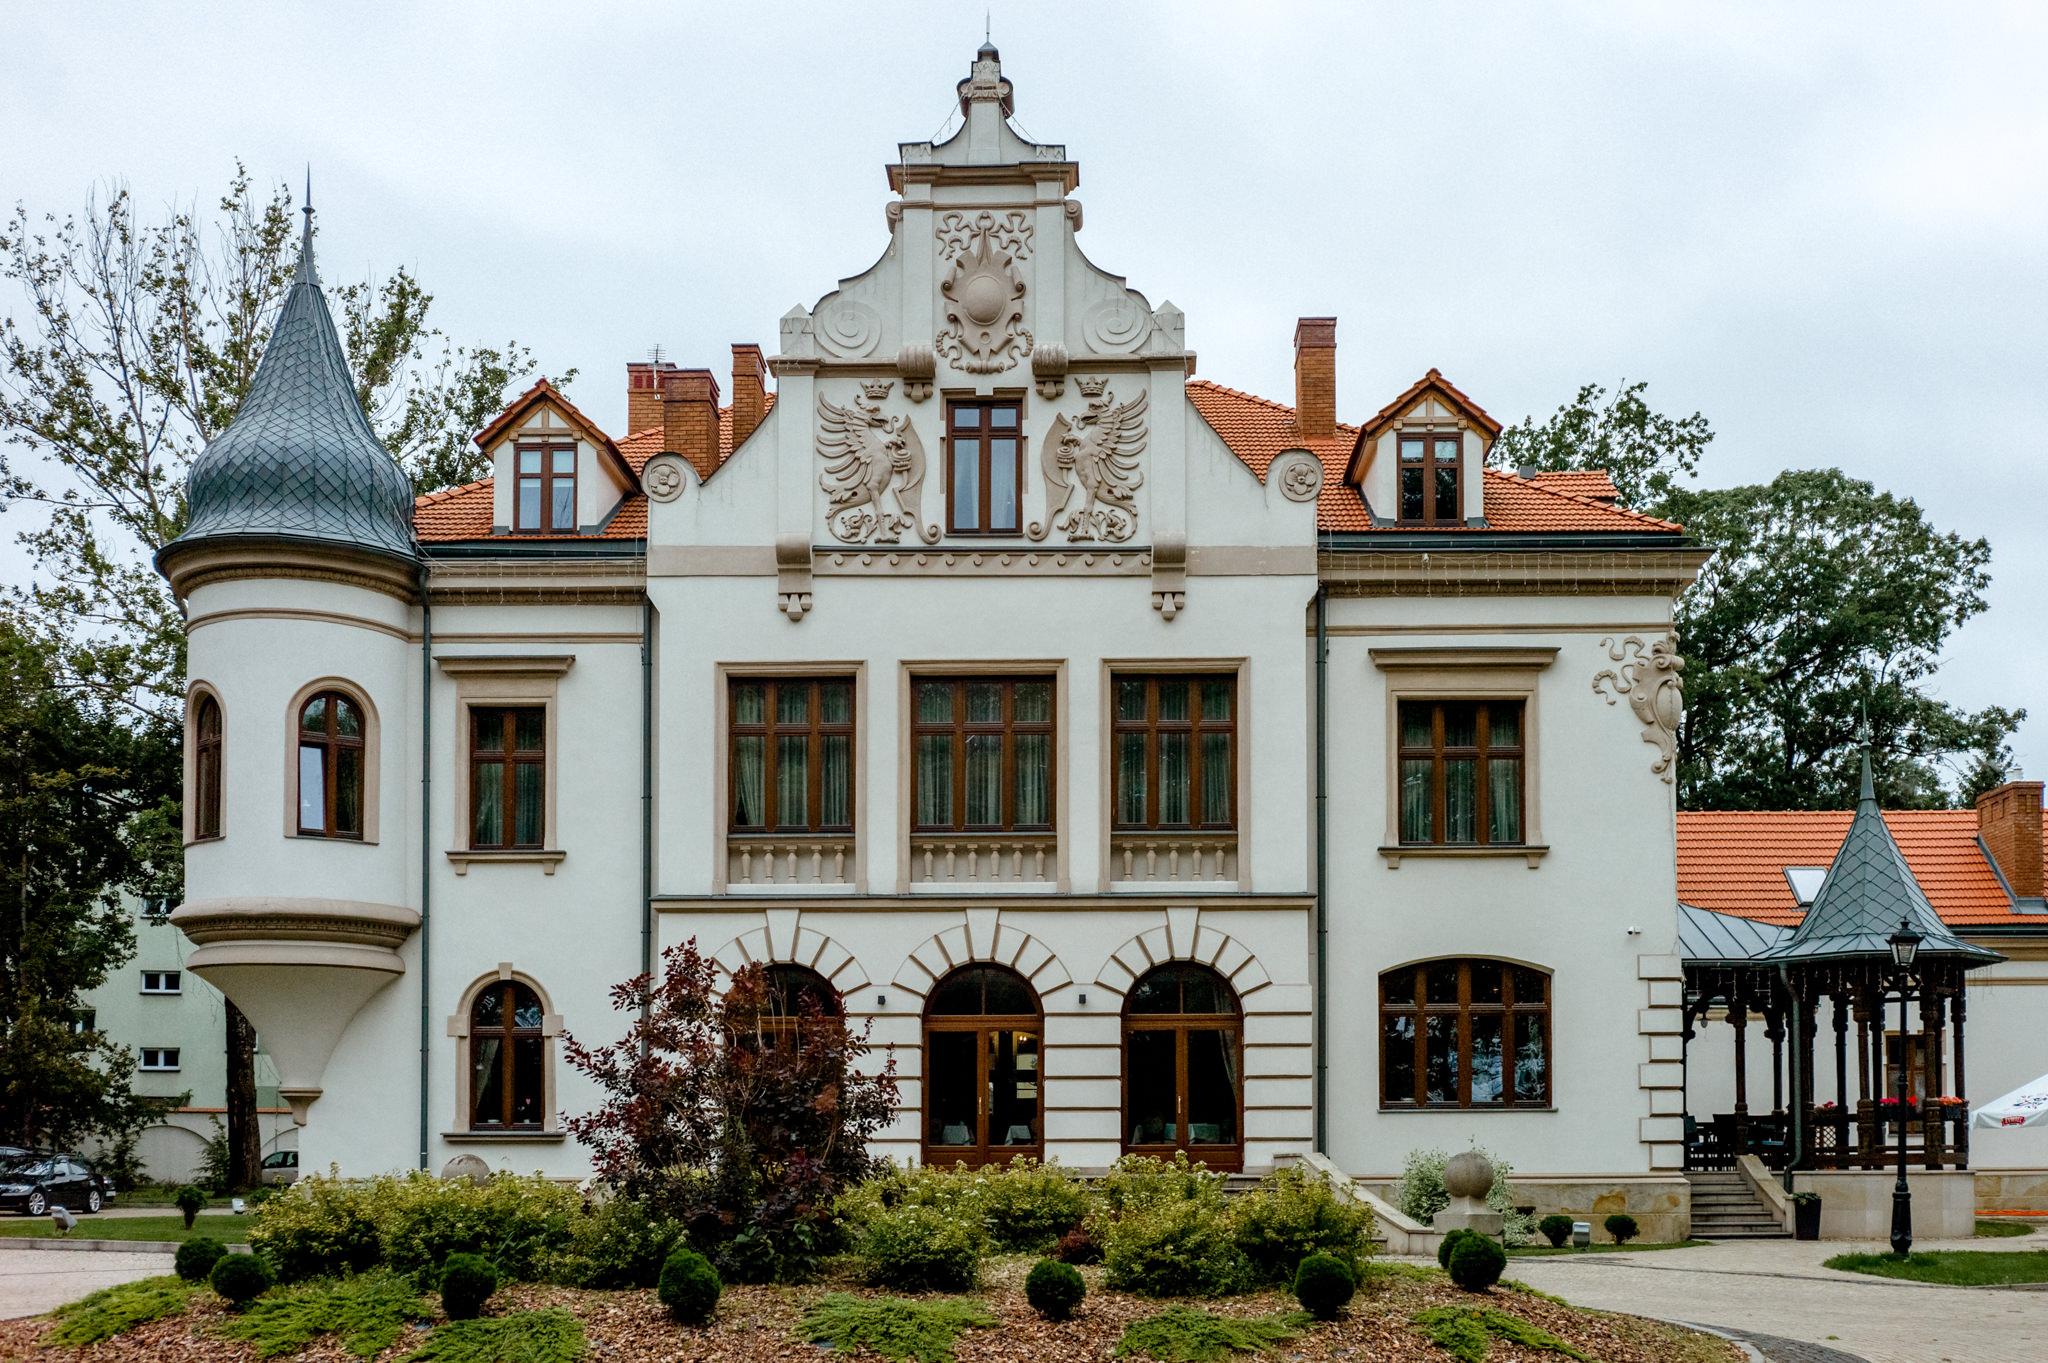 Ślub w Bazylice Basi i Piotra | Pałac Polanka 1